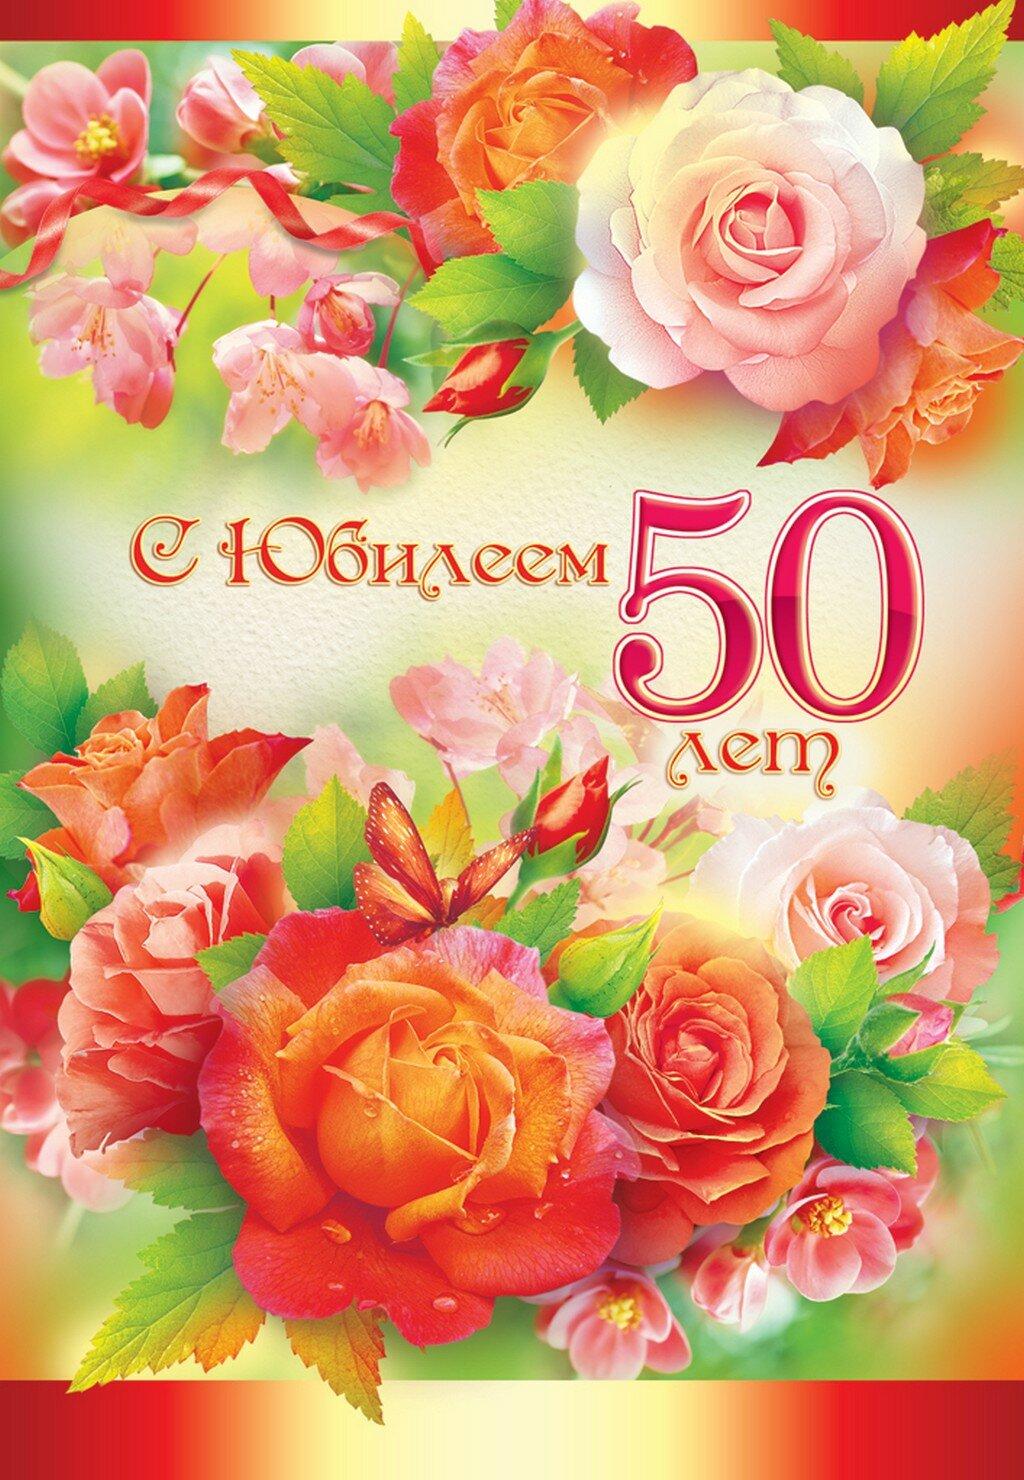 Поздравление с 50 летием современной женщине